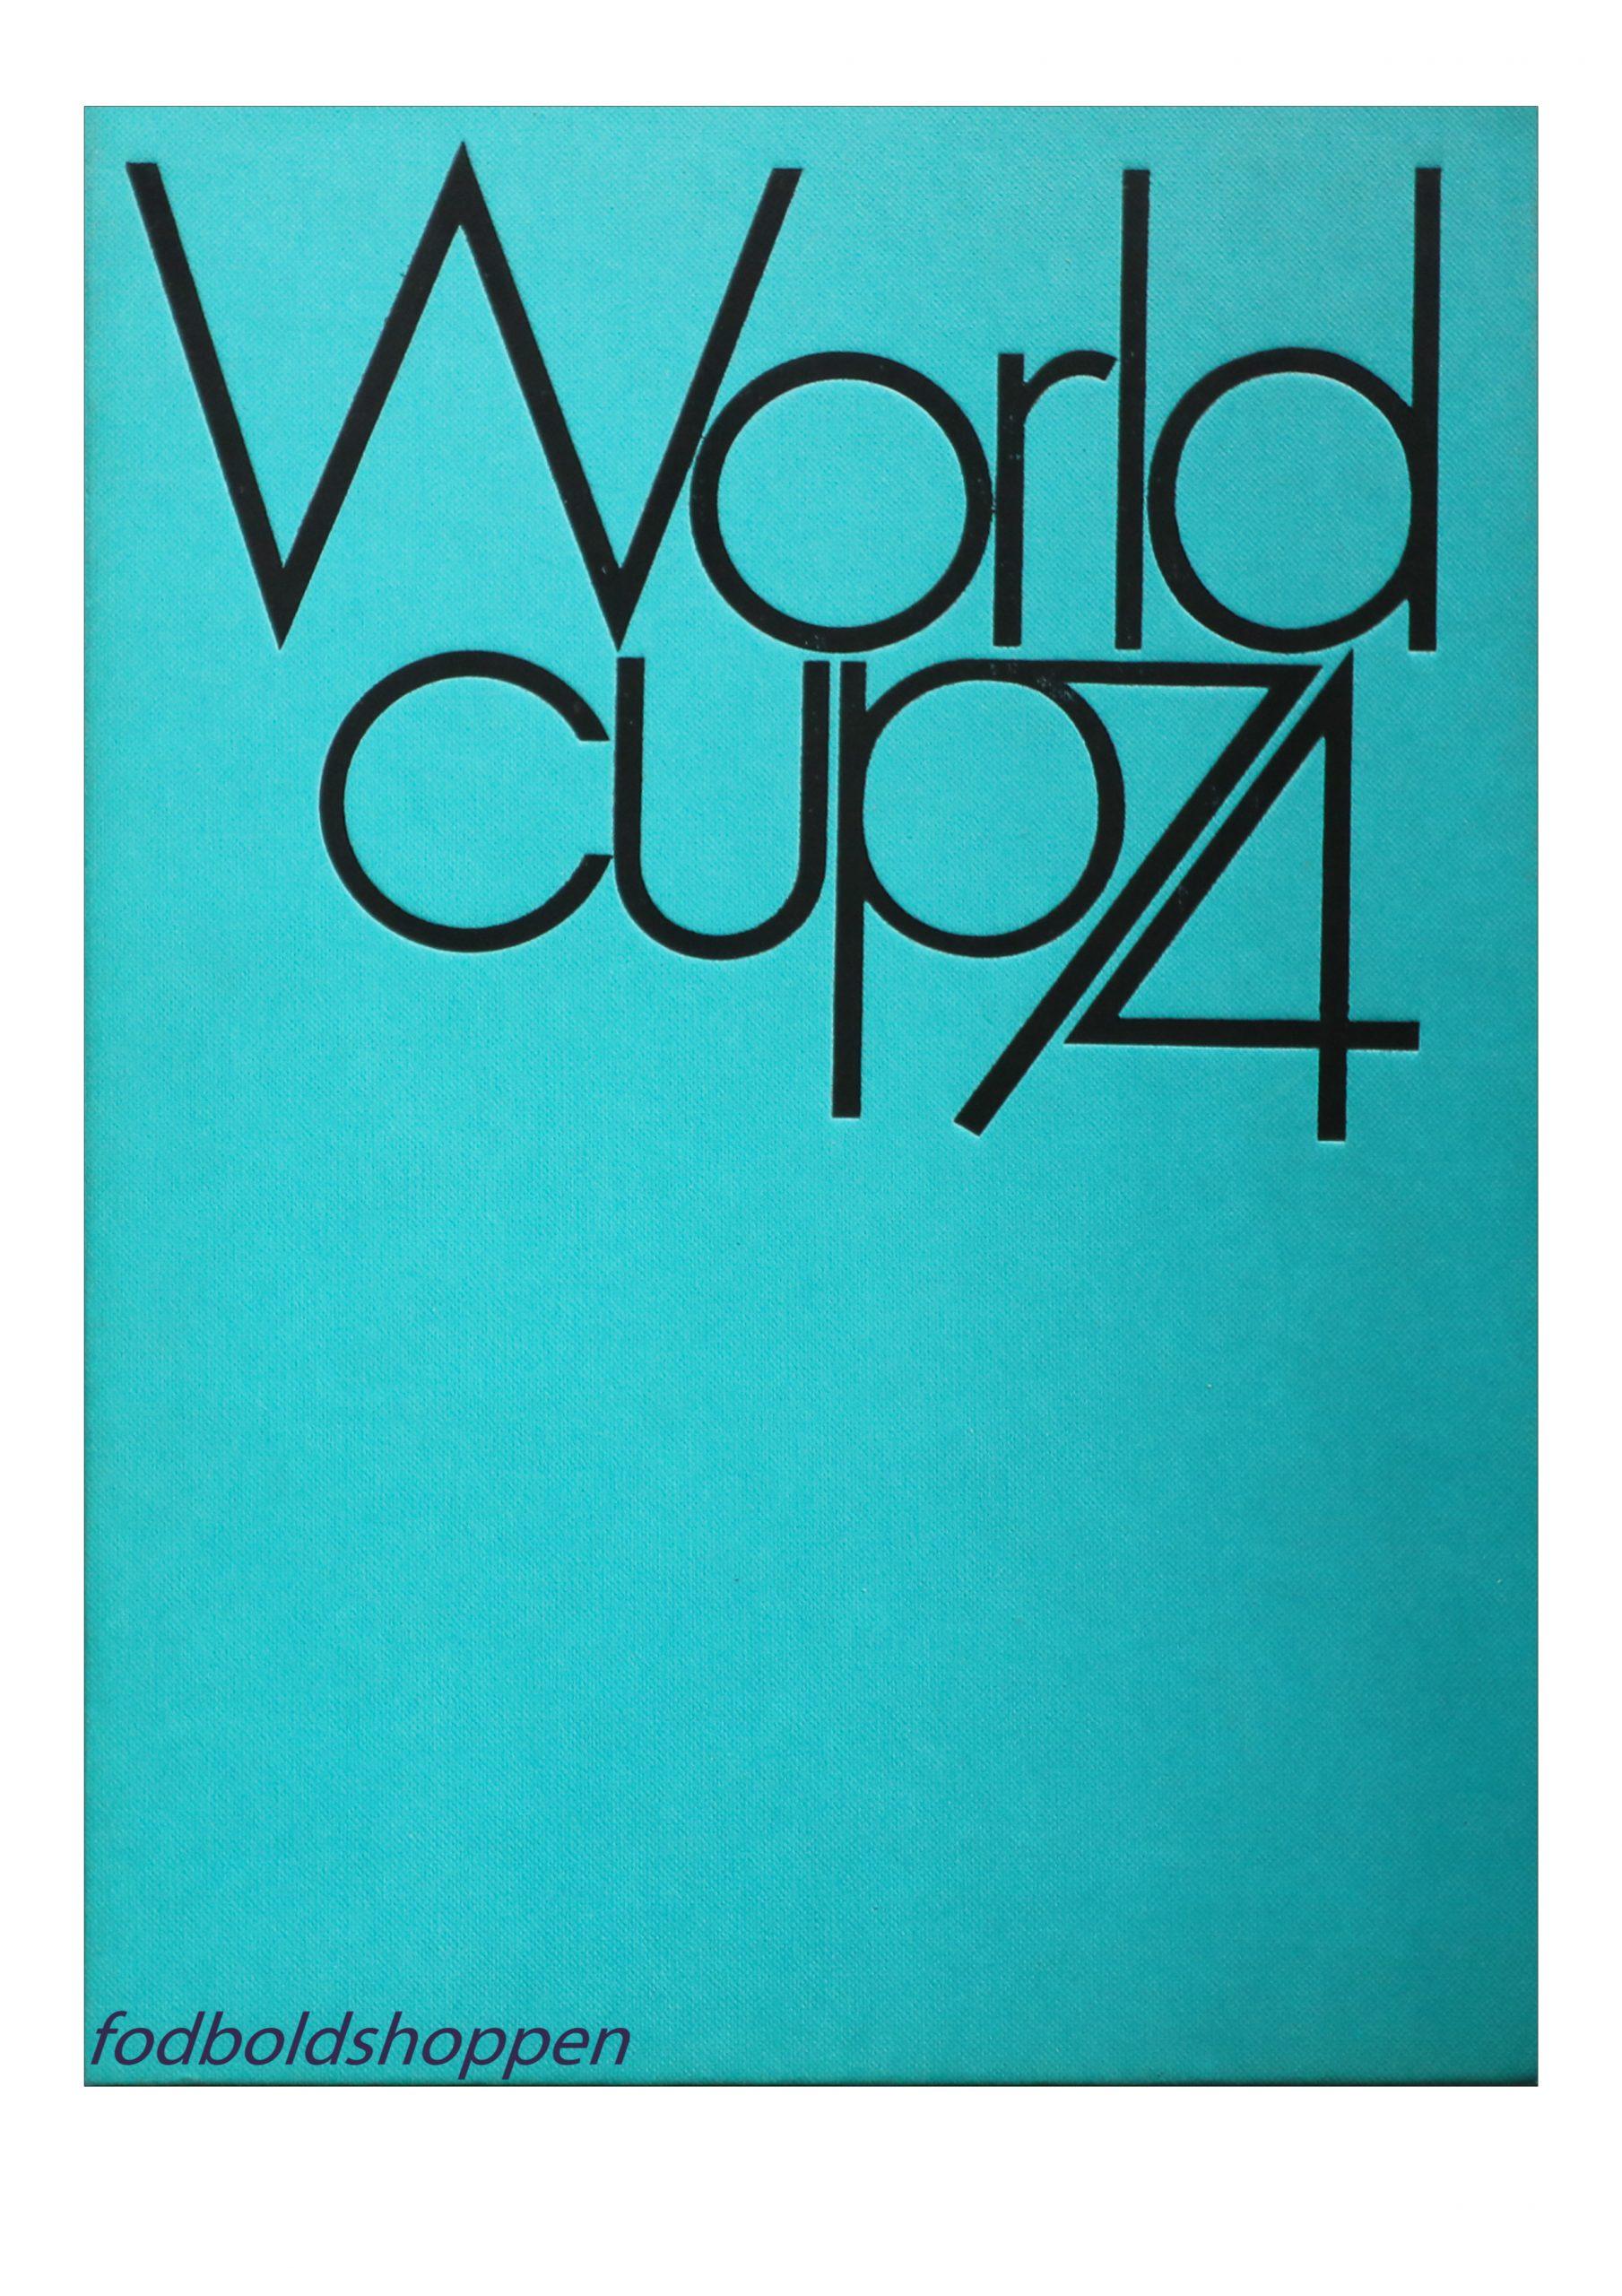 Officiel gennemgang af VM slutrunden i fodbold 1974. Er beskrevet på 4 forskellige sprog, Engelsk , Tysk, Spansk, Italiensk.